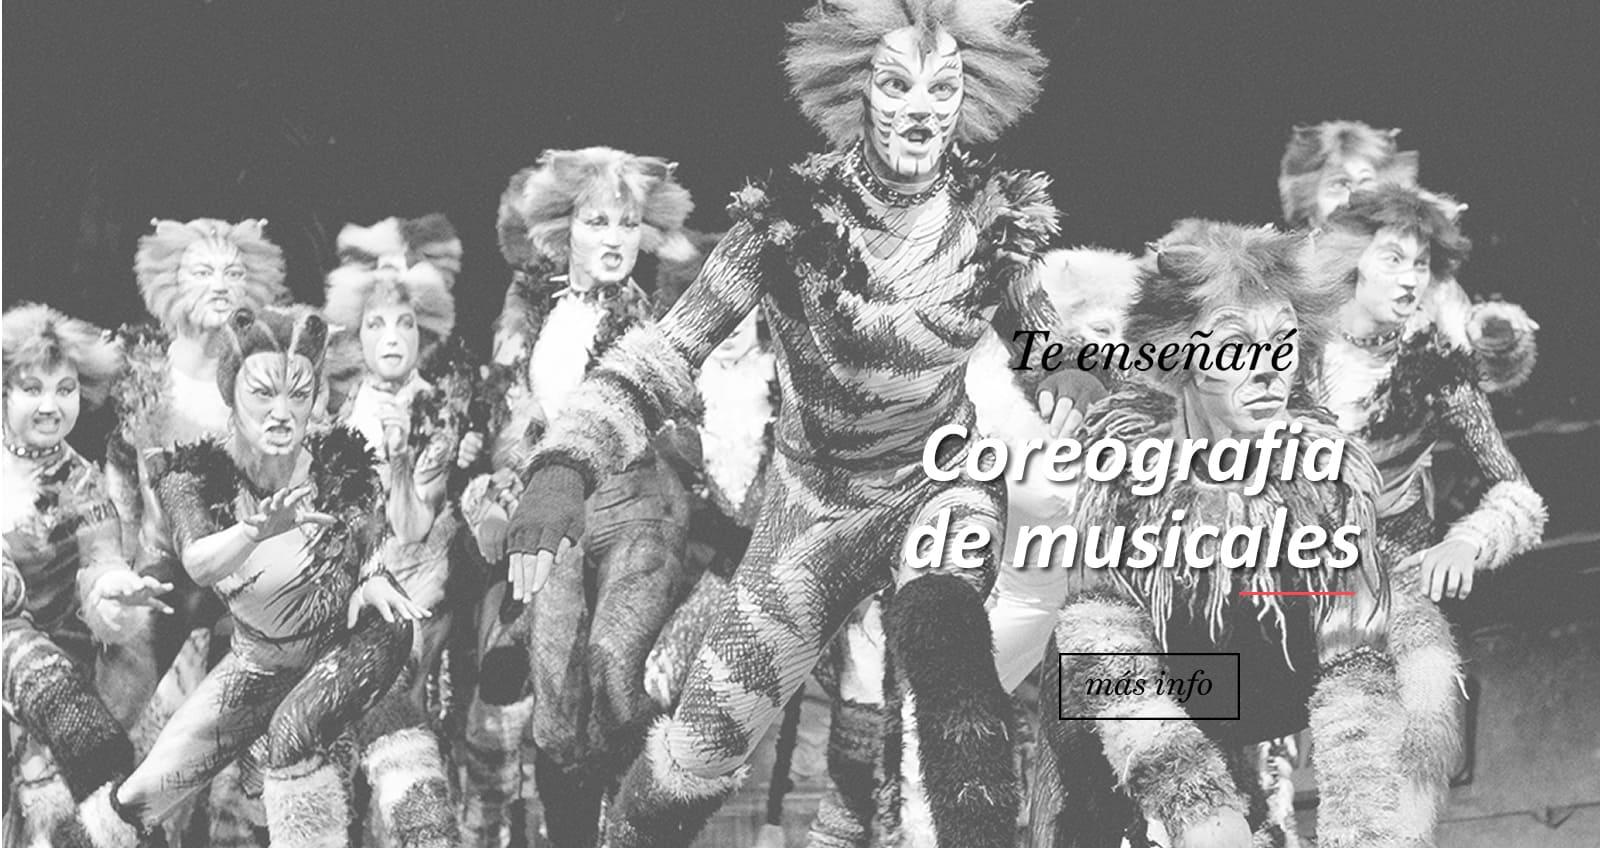 aprende a bailar coreografia de musicales